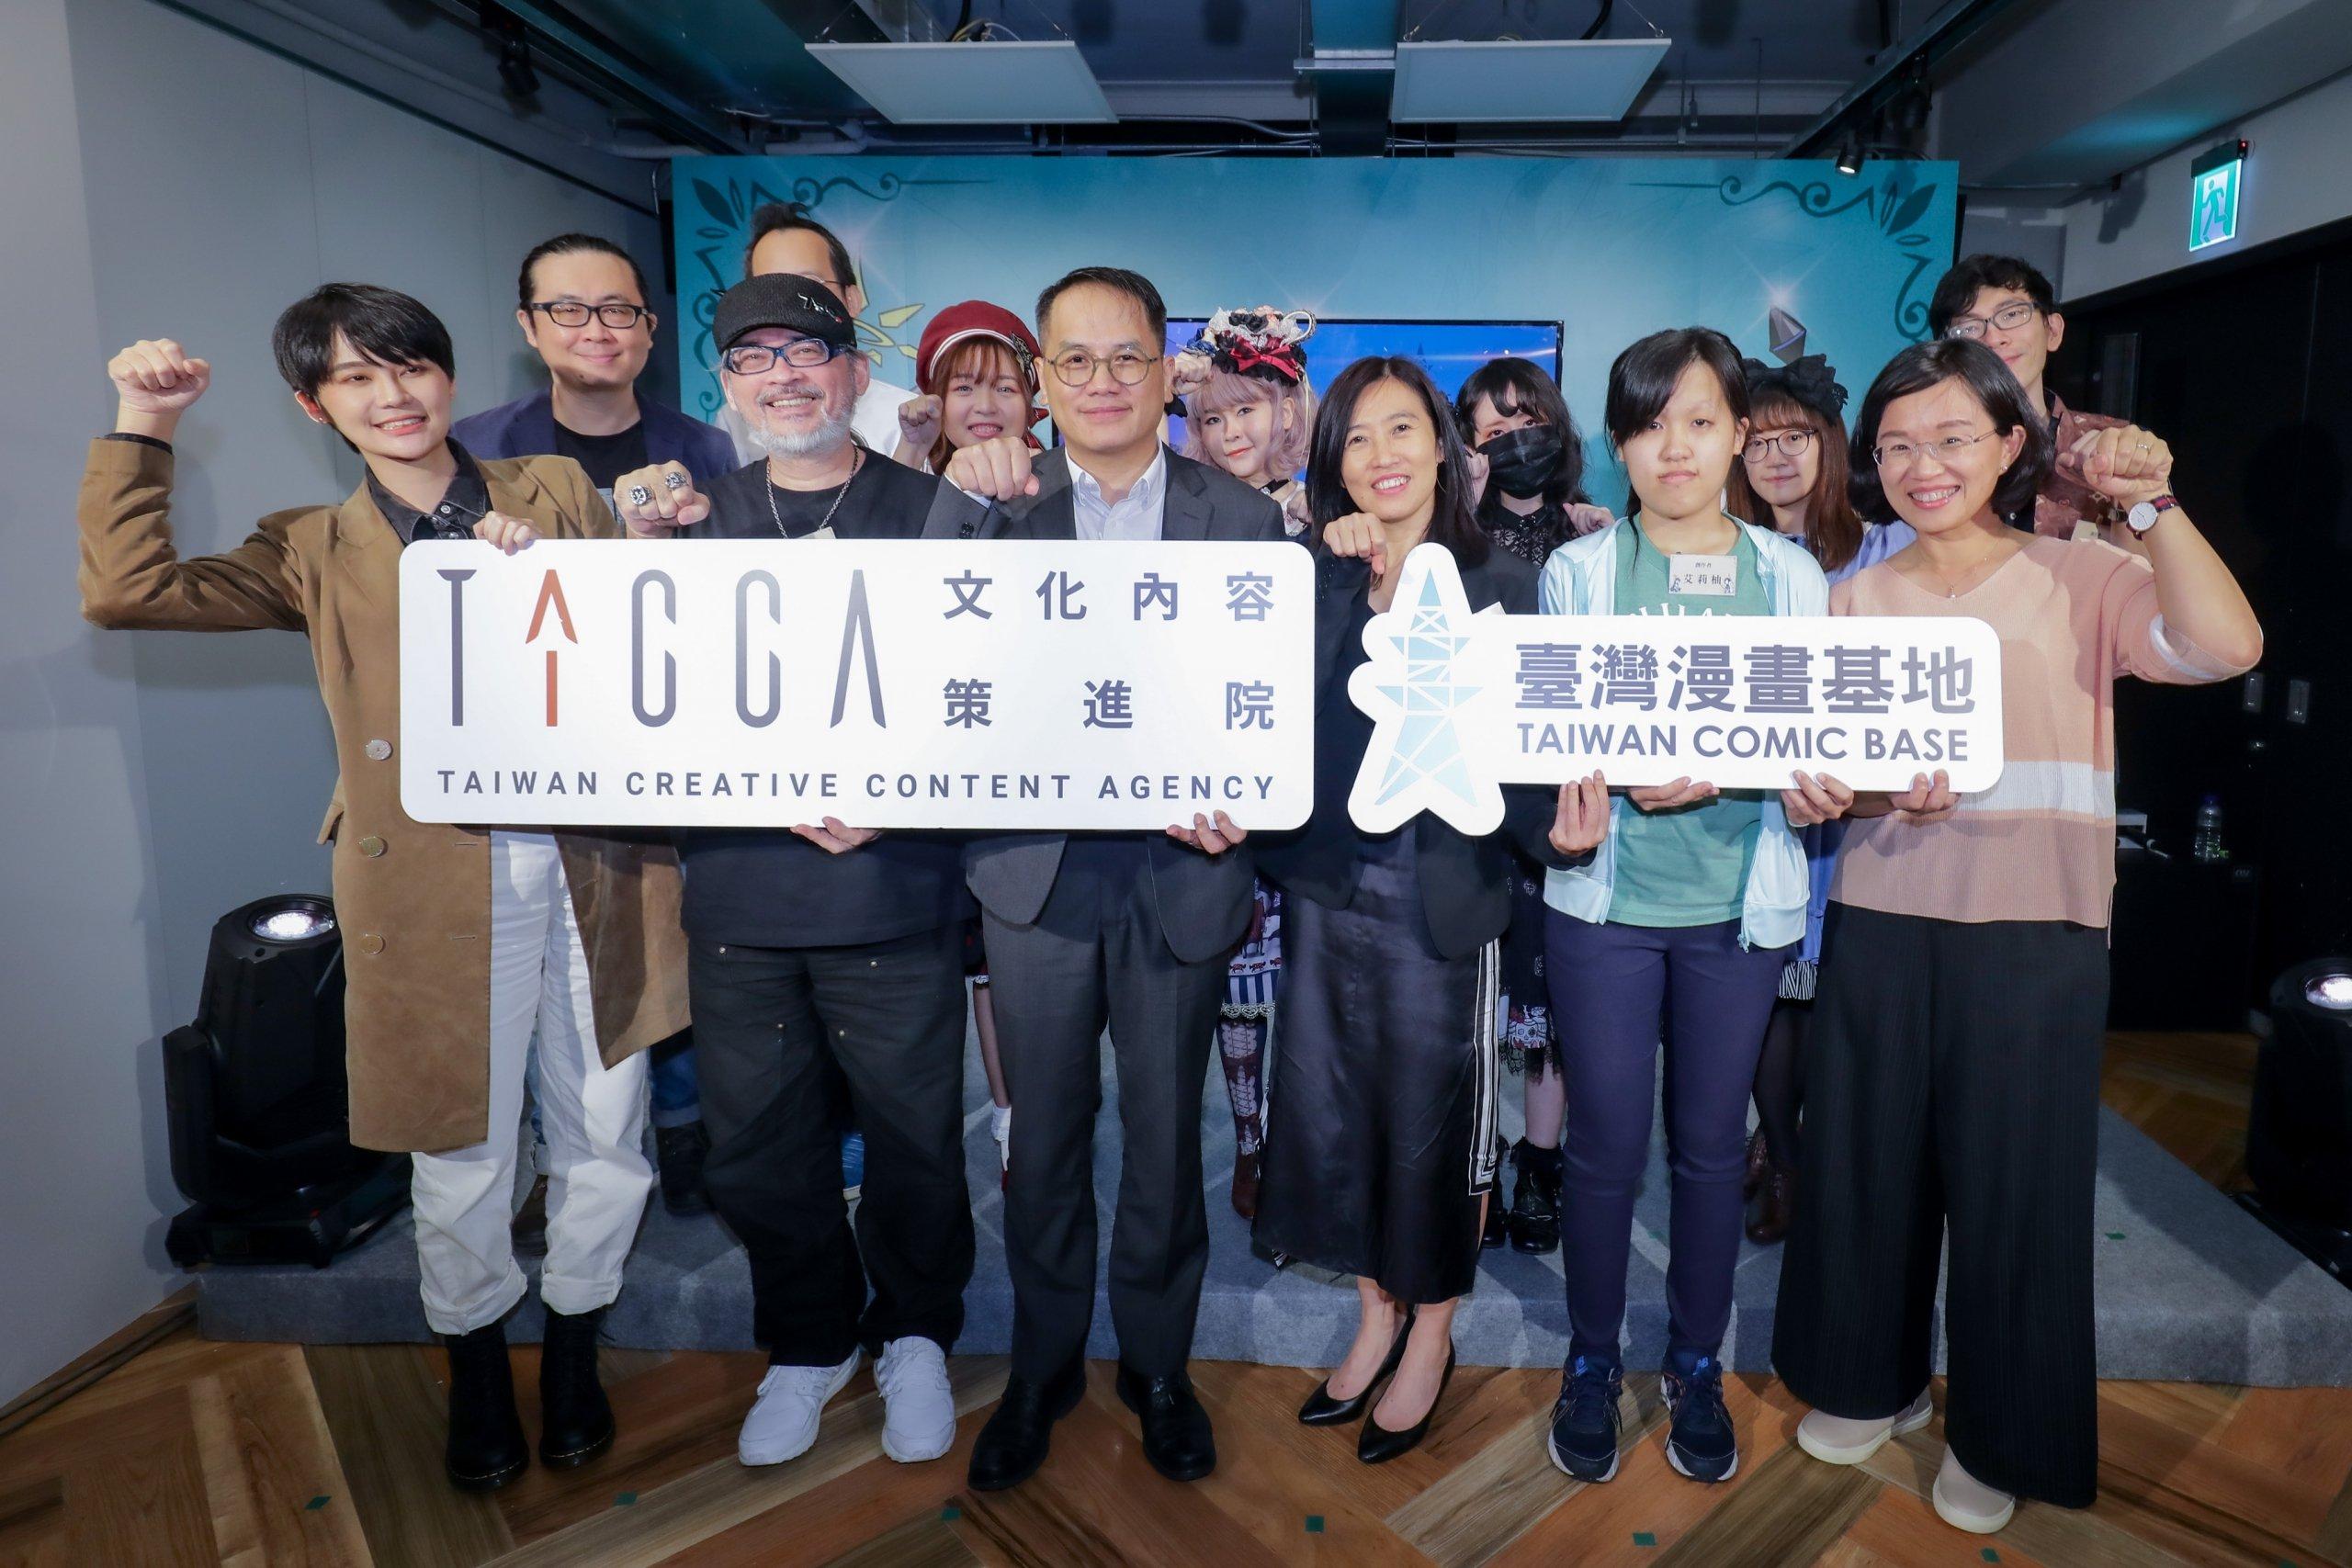 幫創作勇者補血升級 打造臺灣圖像創作經濟力